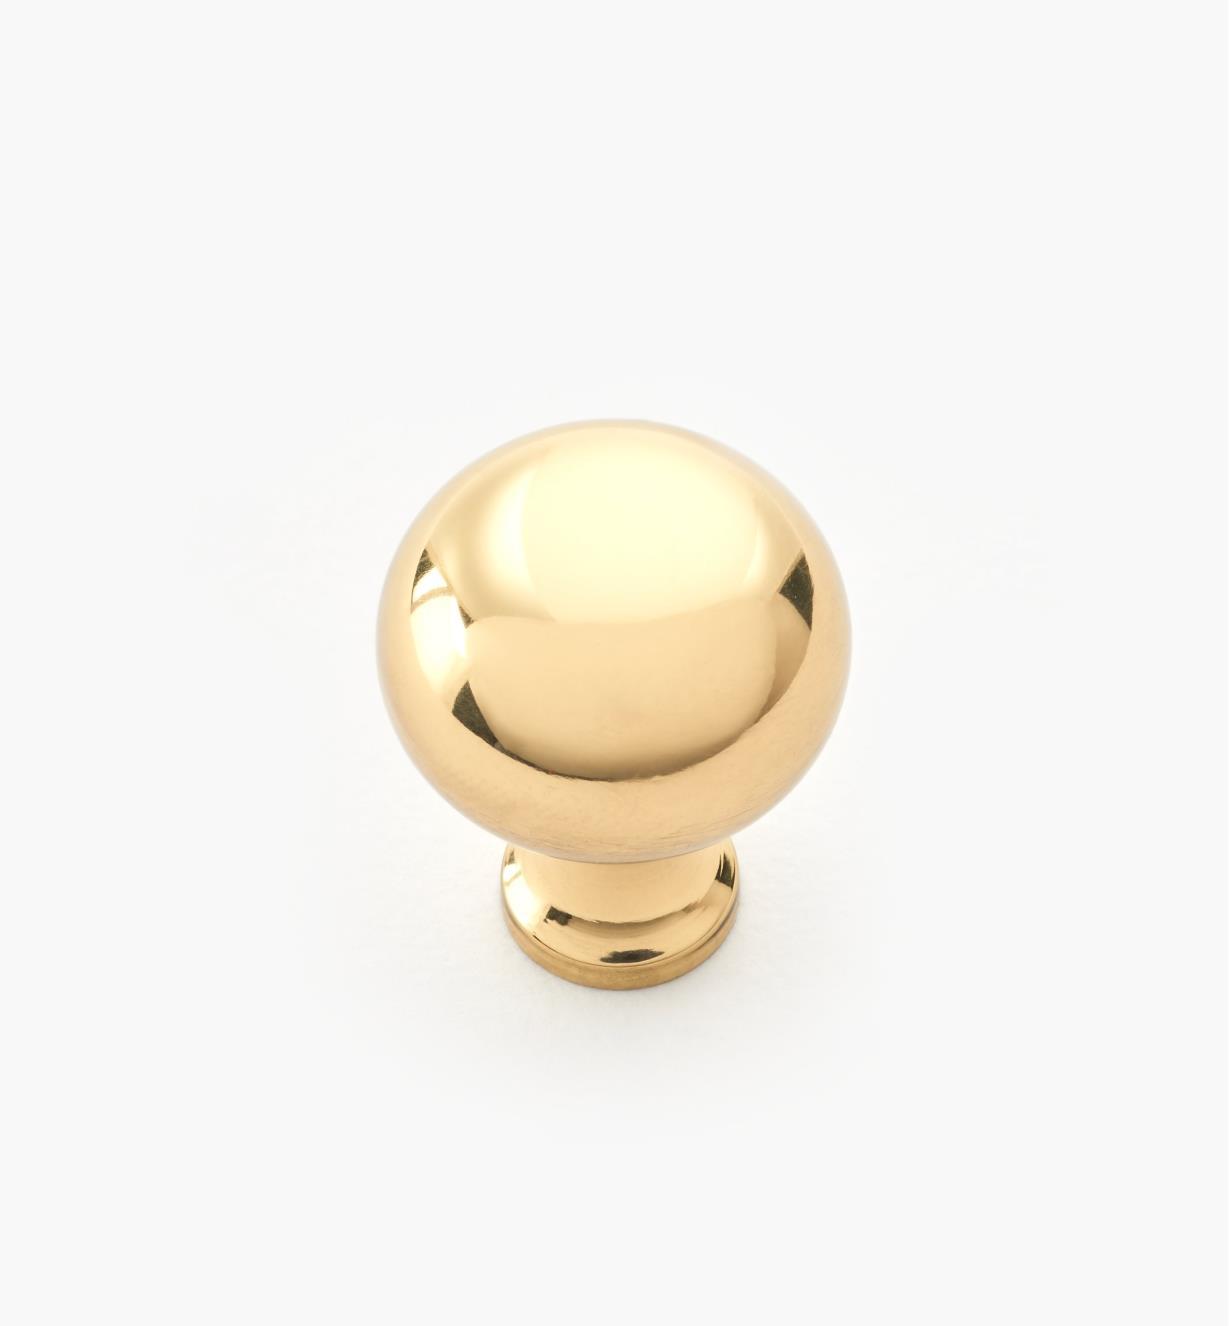 00W5830 - Petit bouton classique, 19 mm x 25 mm